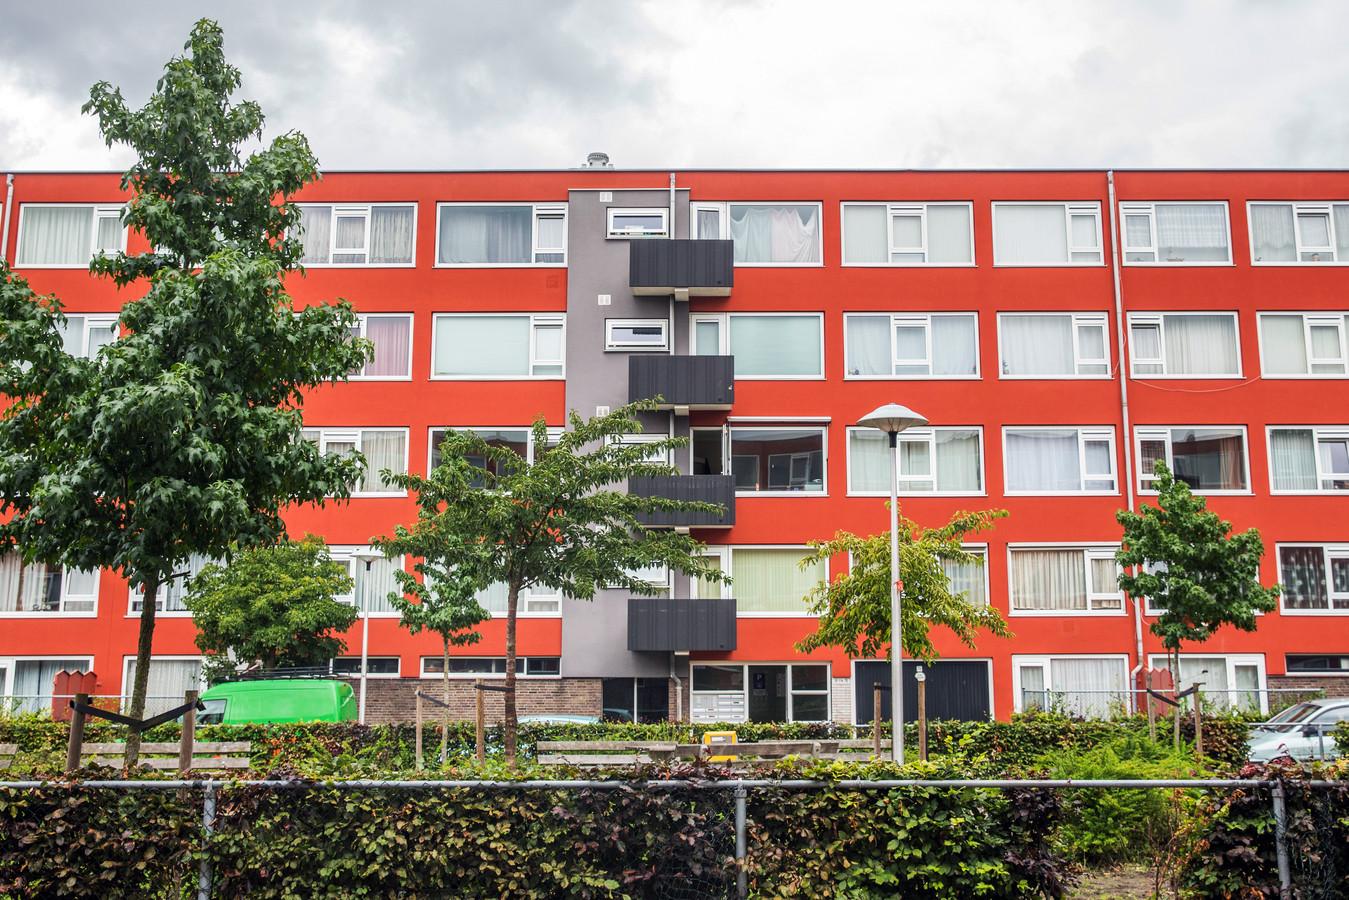 Huurwoningen van Woningnet in Kanaleneiland.